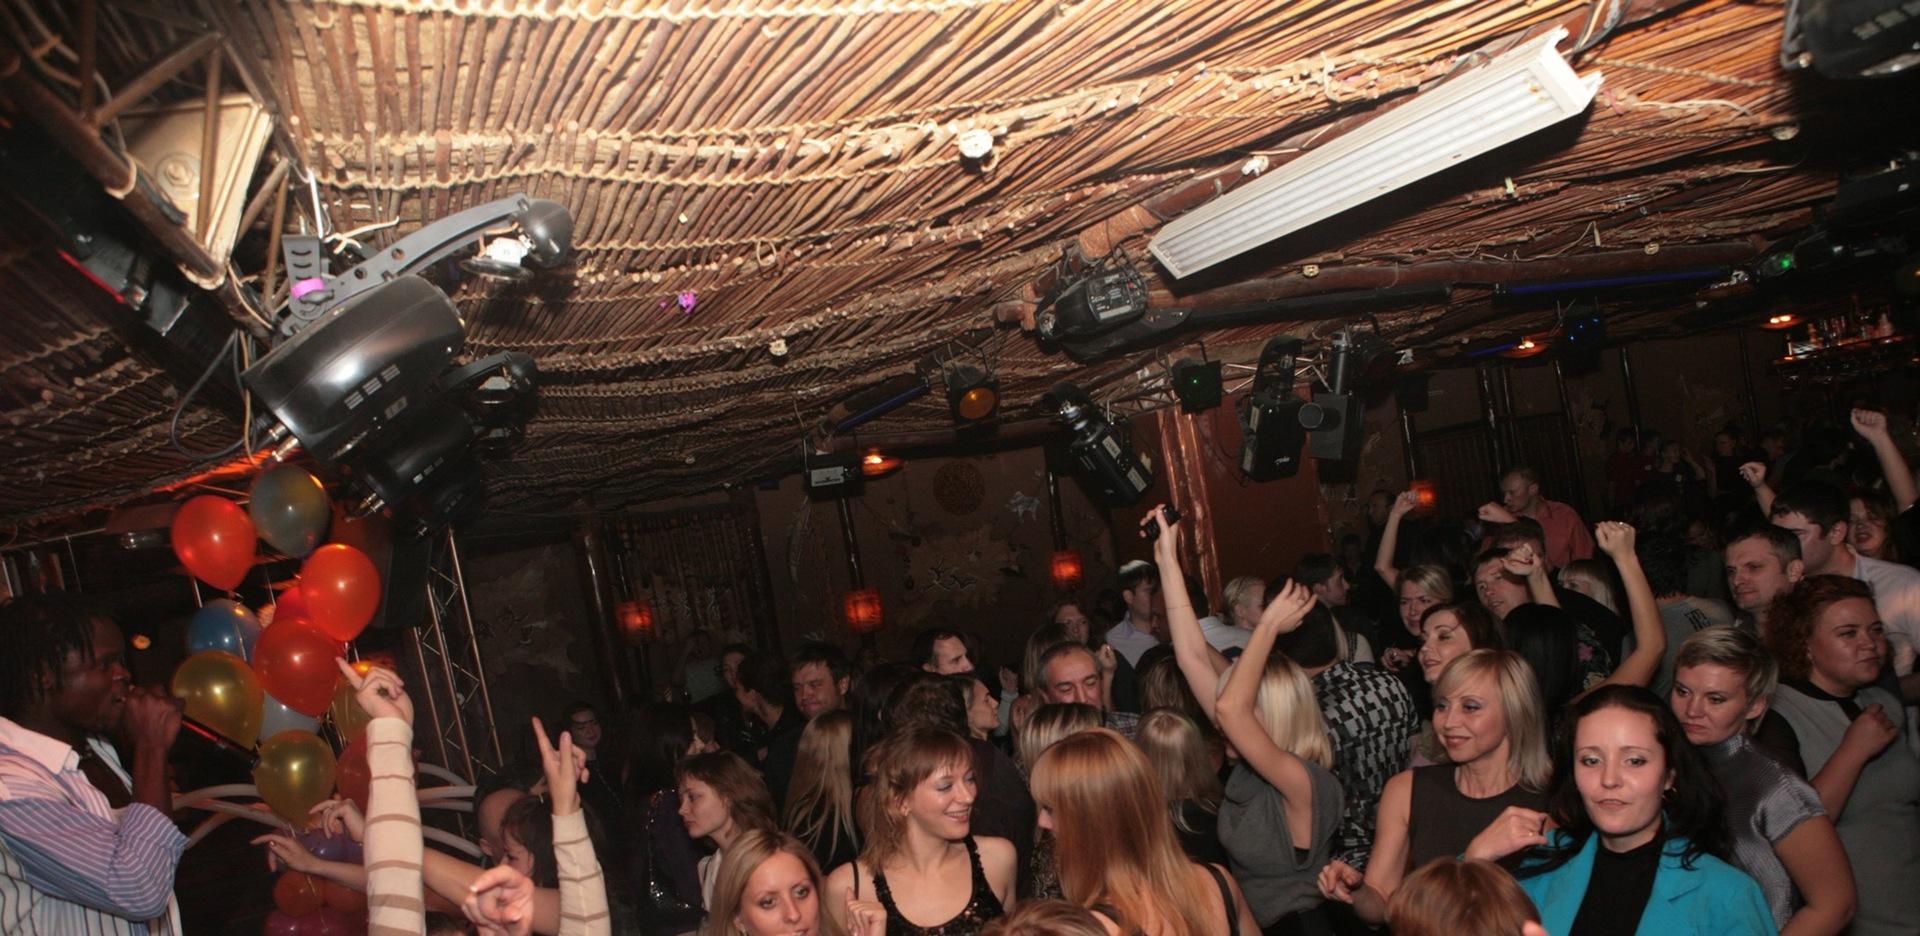 Скрытое фото из ночных клубов 13 фотография